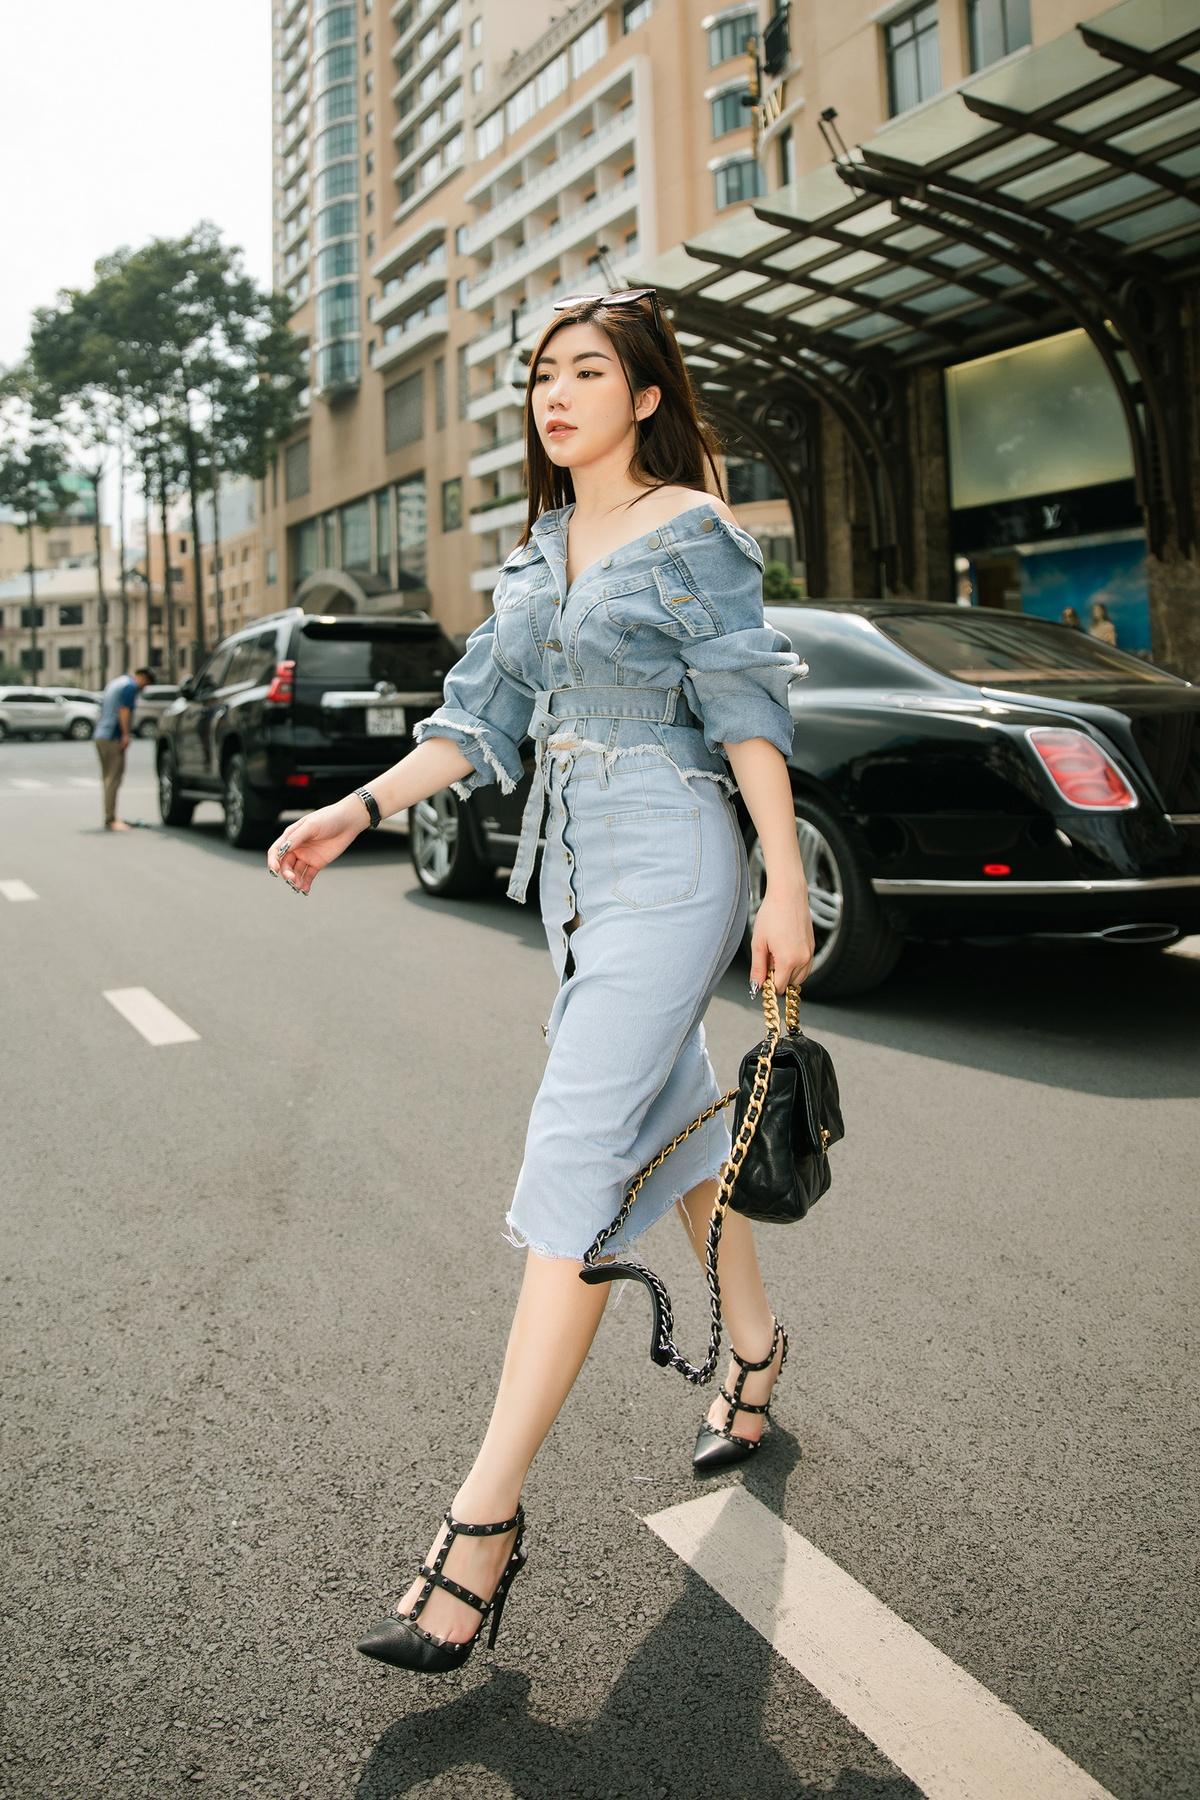 Tự tin với làn da đẹp và đôi vai thon nên Amanda Baby thường mặc áo trễ vai để khoe ưu điểm của mình. Với chất liệu jean, cô kết hợp chân váy cùng áo trễ vai để tạo nên bộ đồ vừa năng động vừa nữ tính.